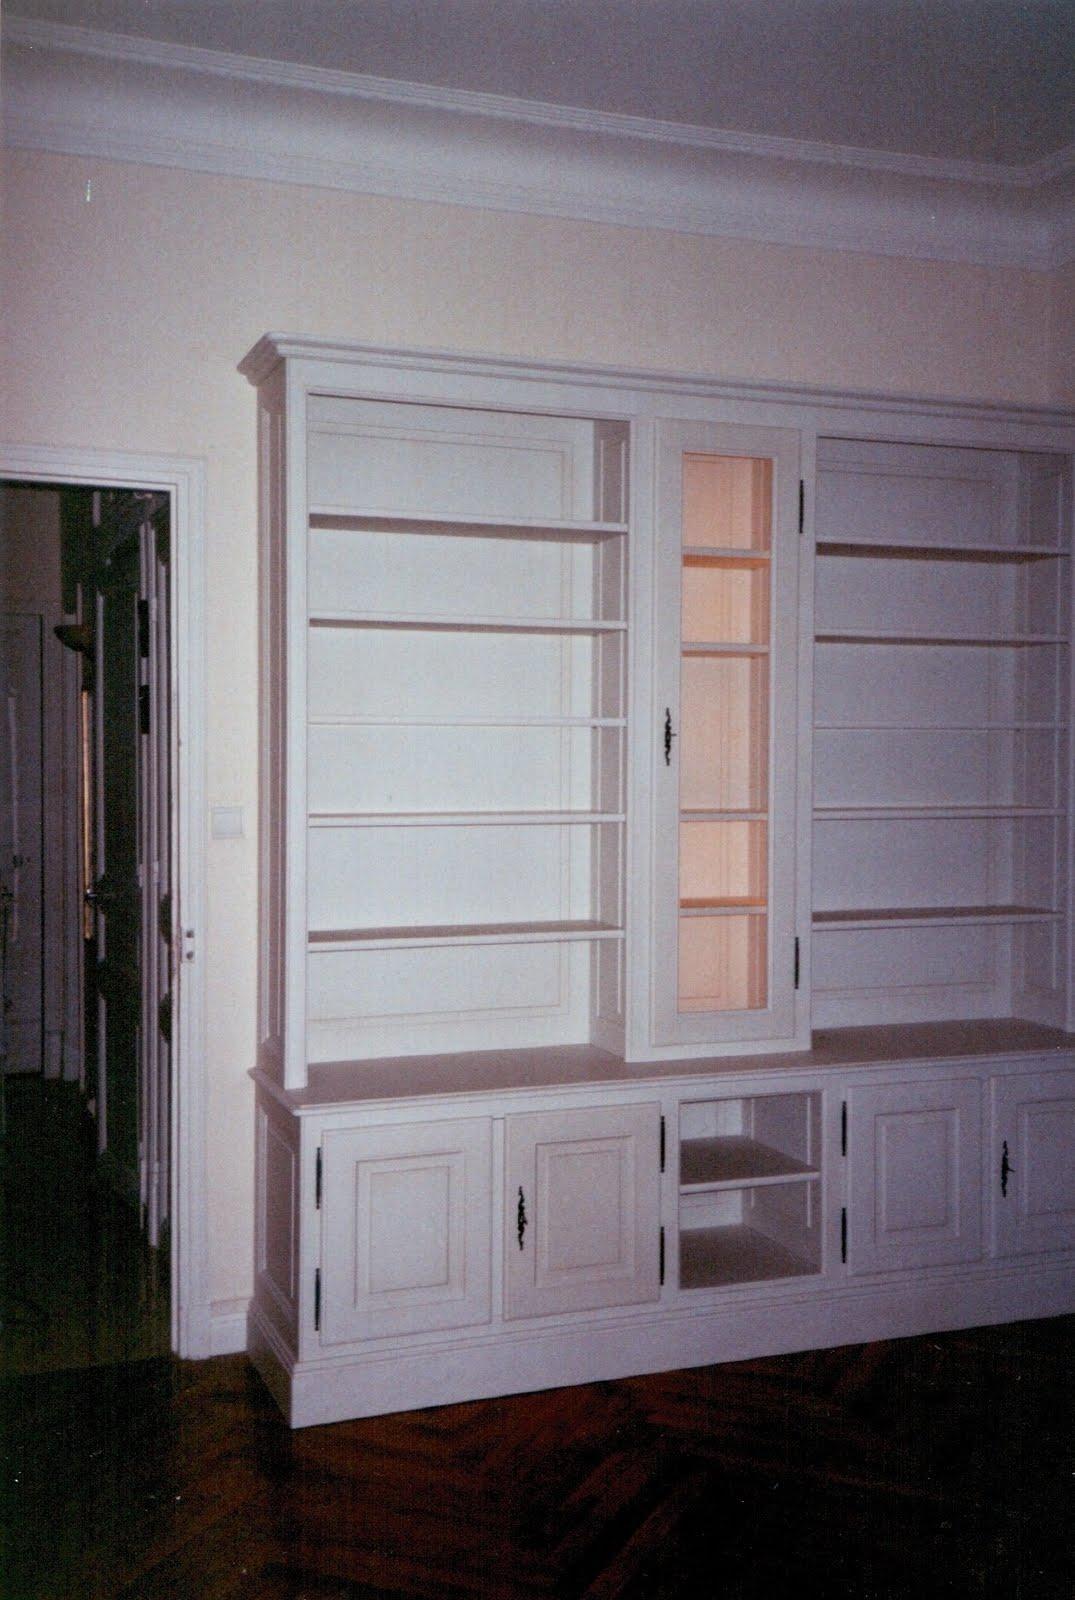 menuiserie vanin biblioth que avec clairage et meuble bas. Black Bedroom Furniture Sets. Home Design Ideas